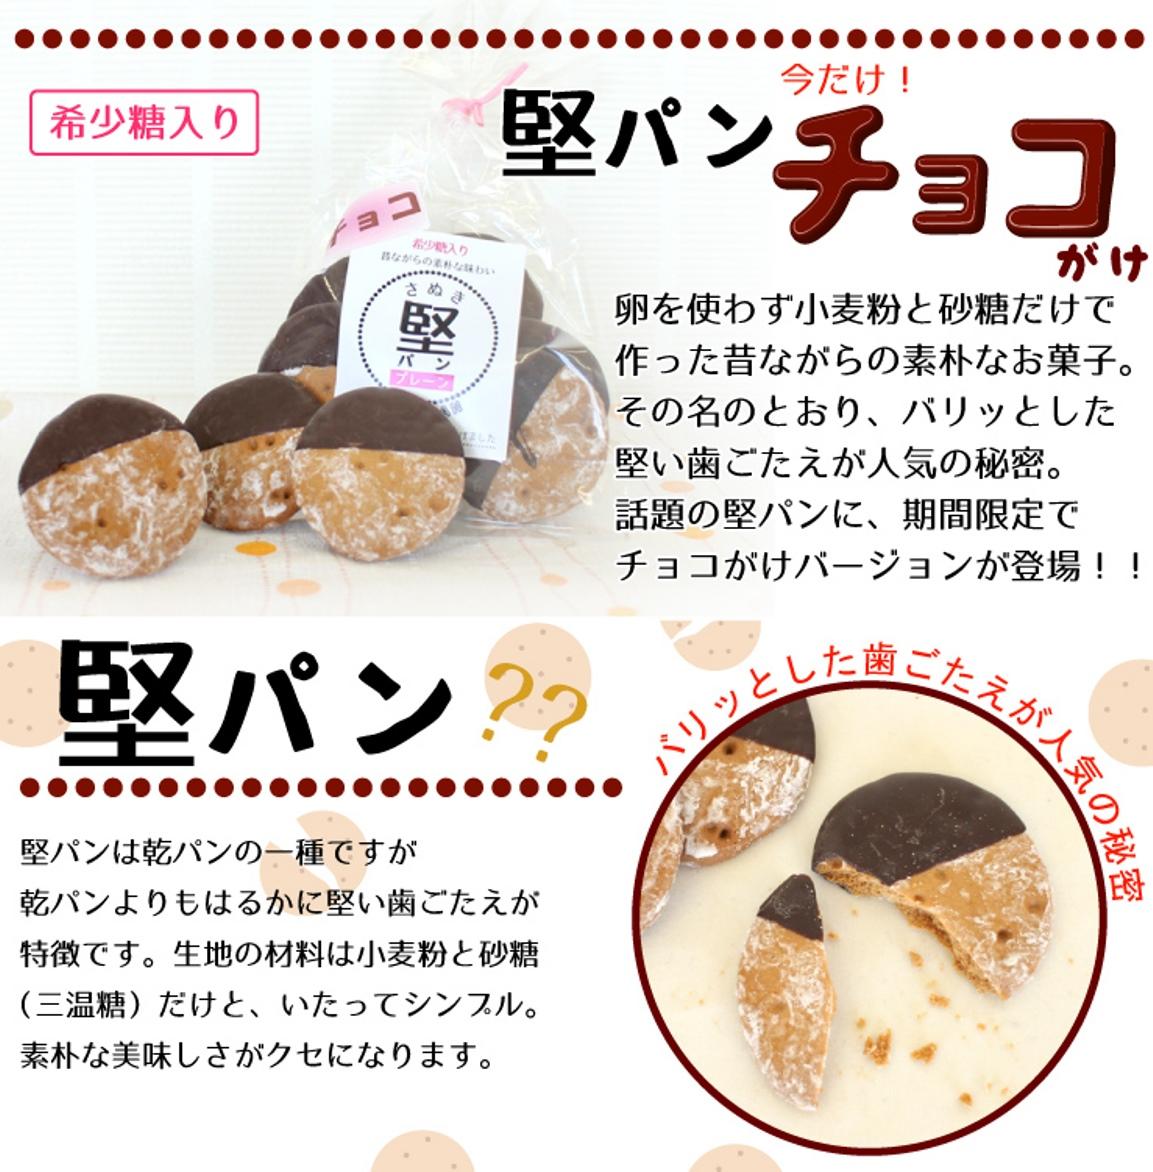 人気の堅パンにチョコがけバージョンが期間限定で登場